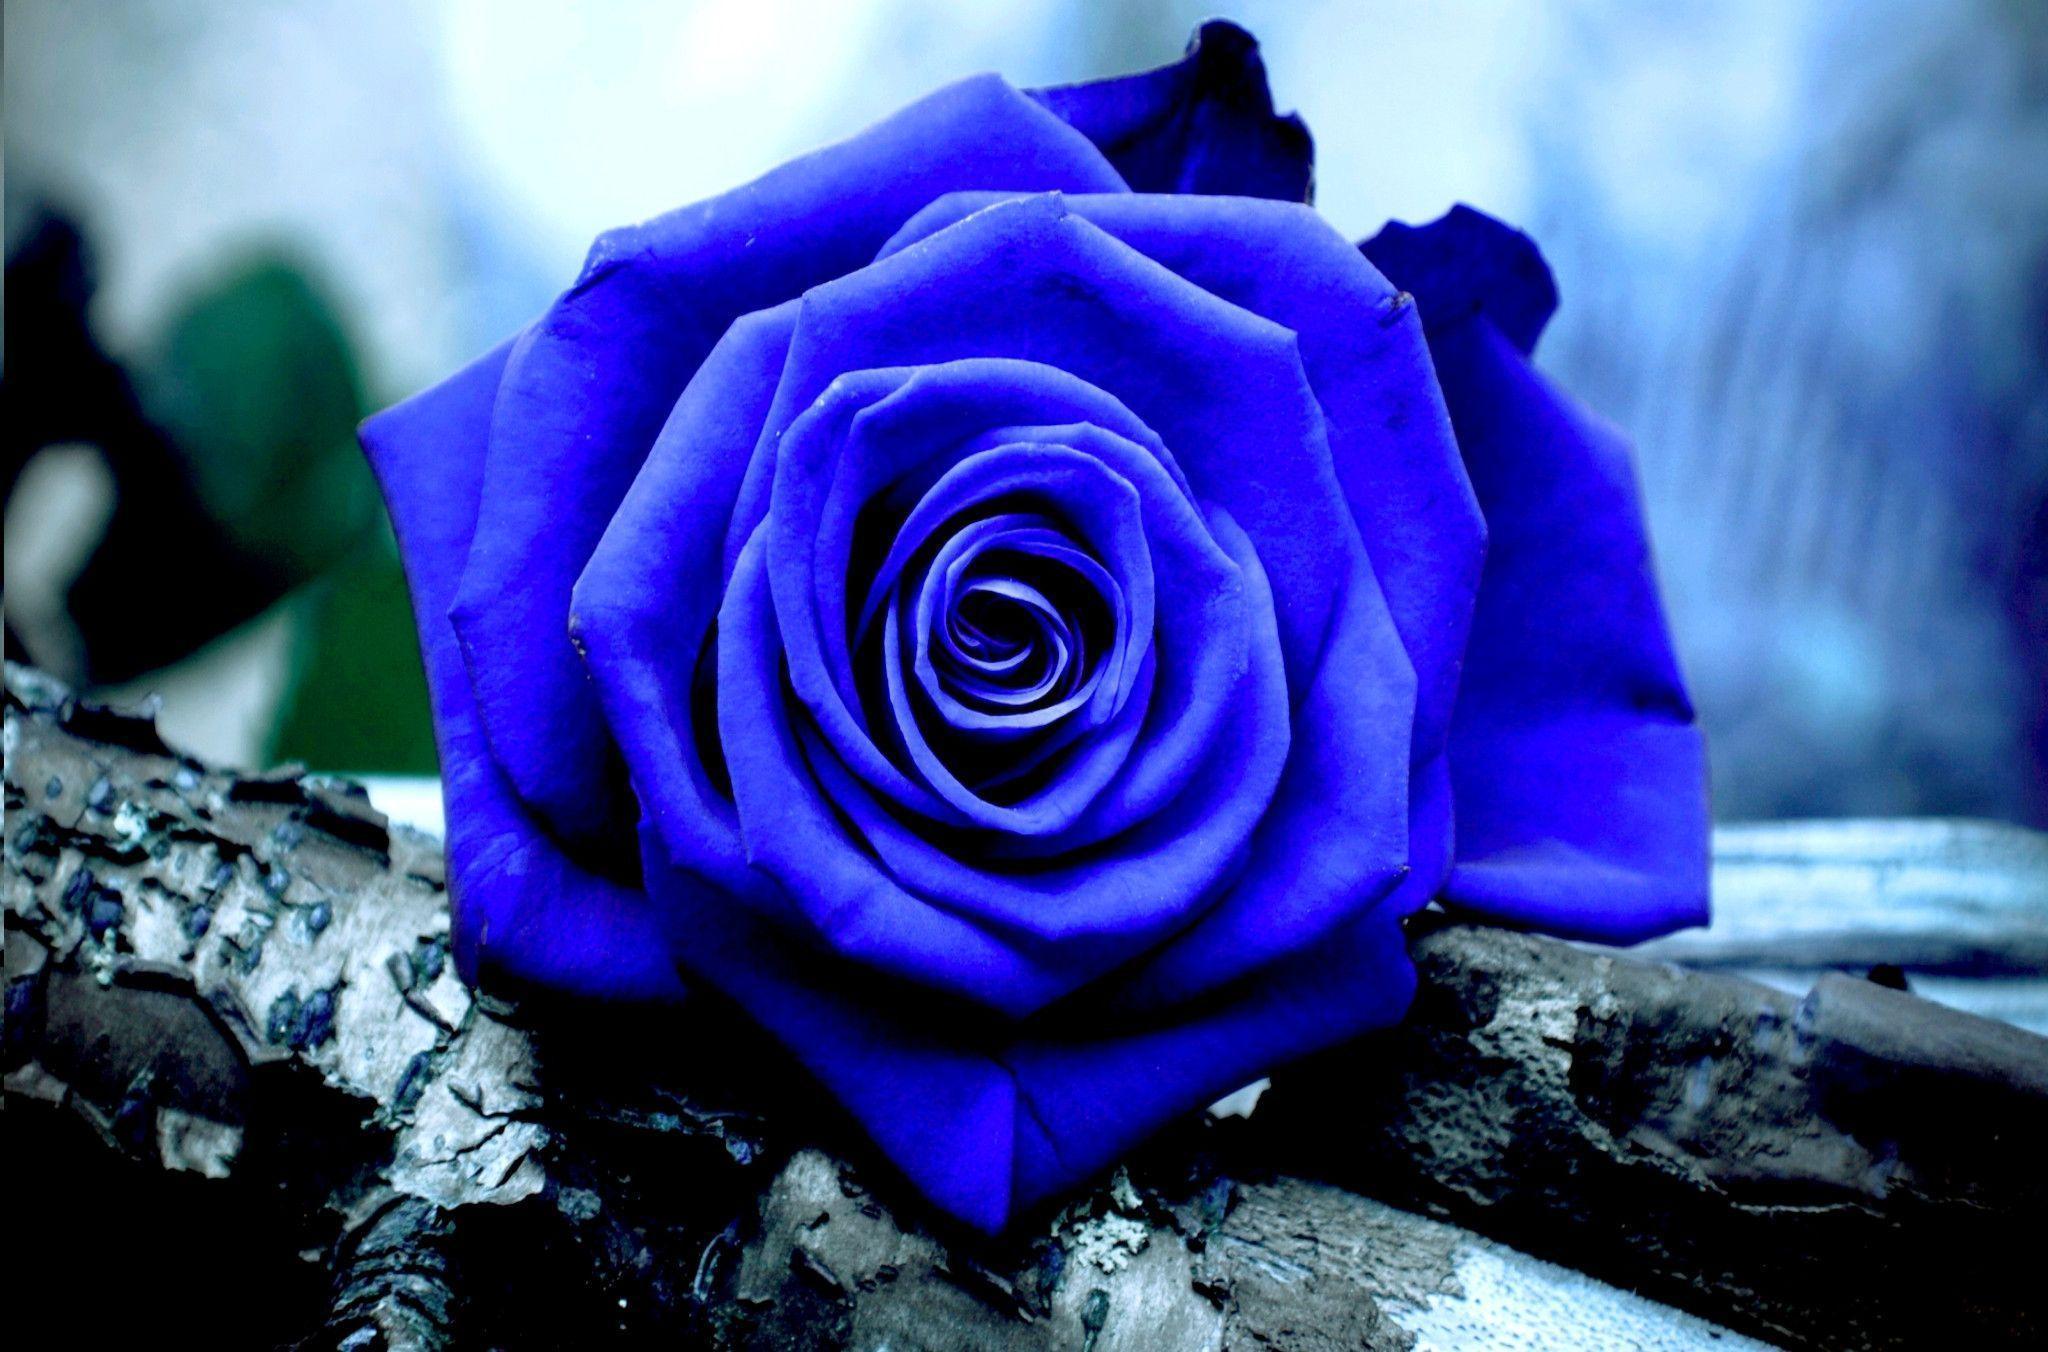 hinh anh hoa hong xanh 8